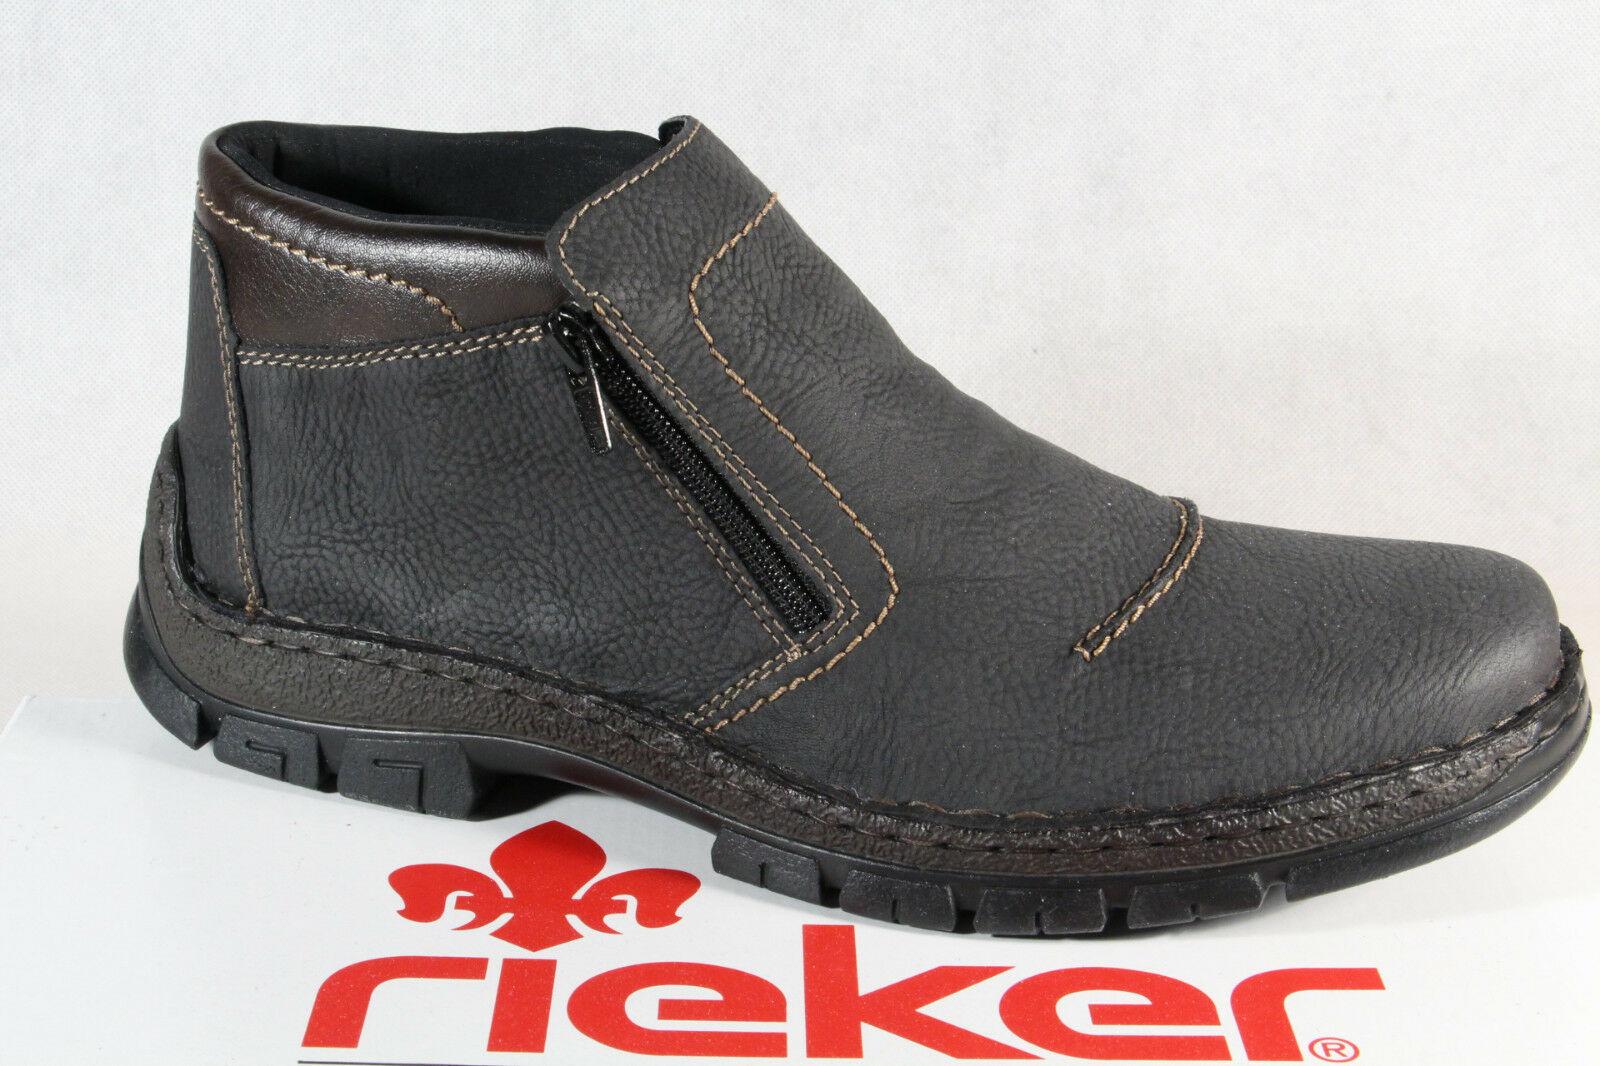 Rieker Herren Stiefel Stiefelette Stiefeletten Boots braun g24DQ